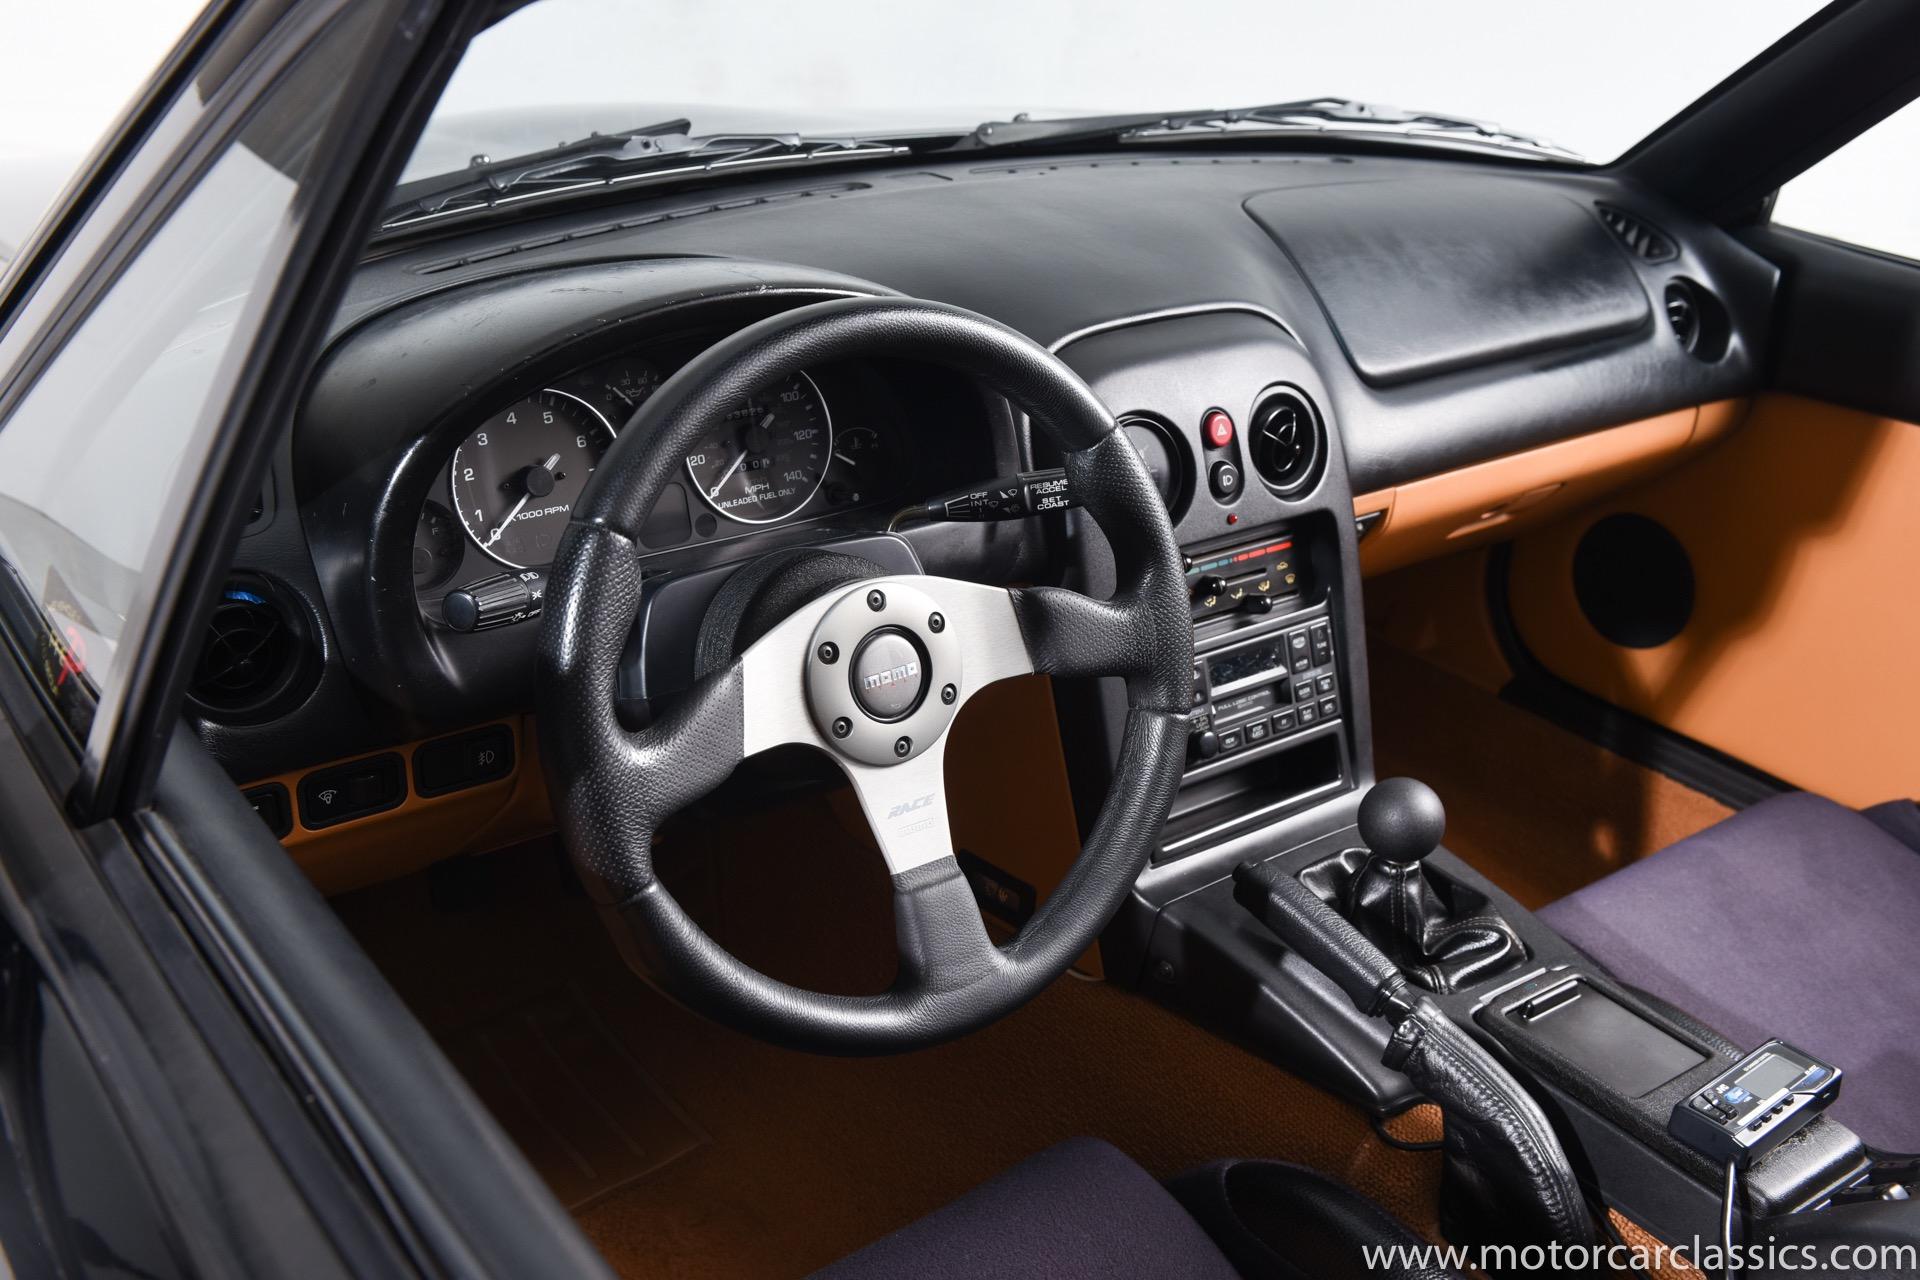 1994 Mazda MX-5 Miata